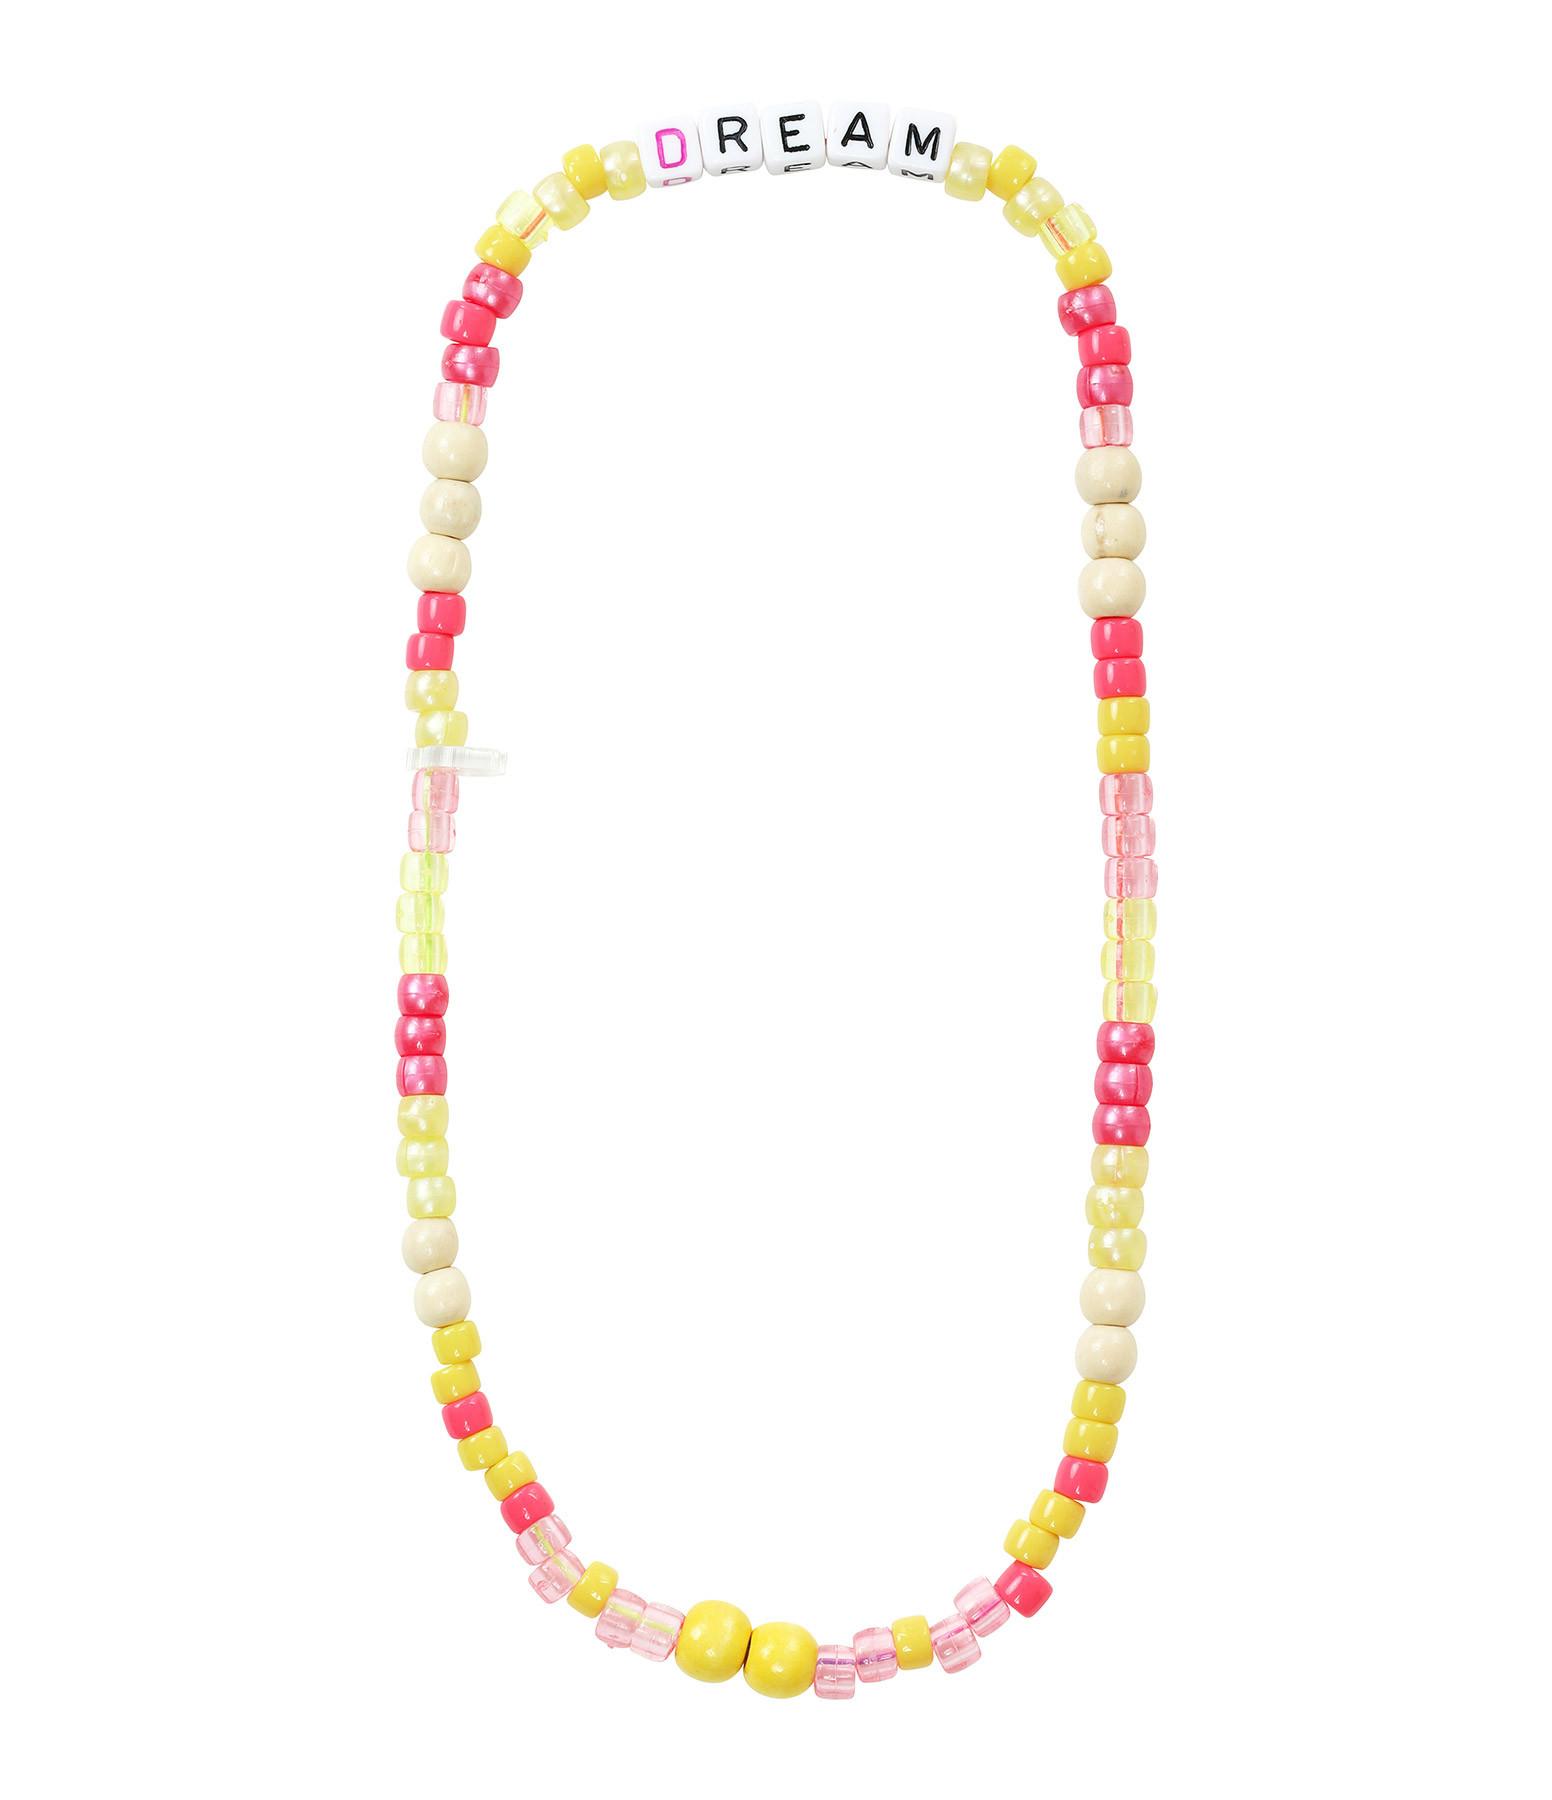 LAUREN RUBINSKI - Collier Love Beads DREAM